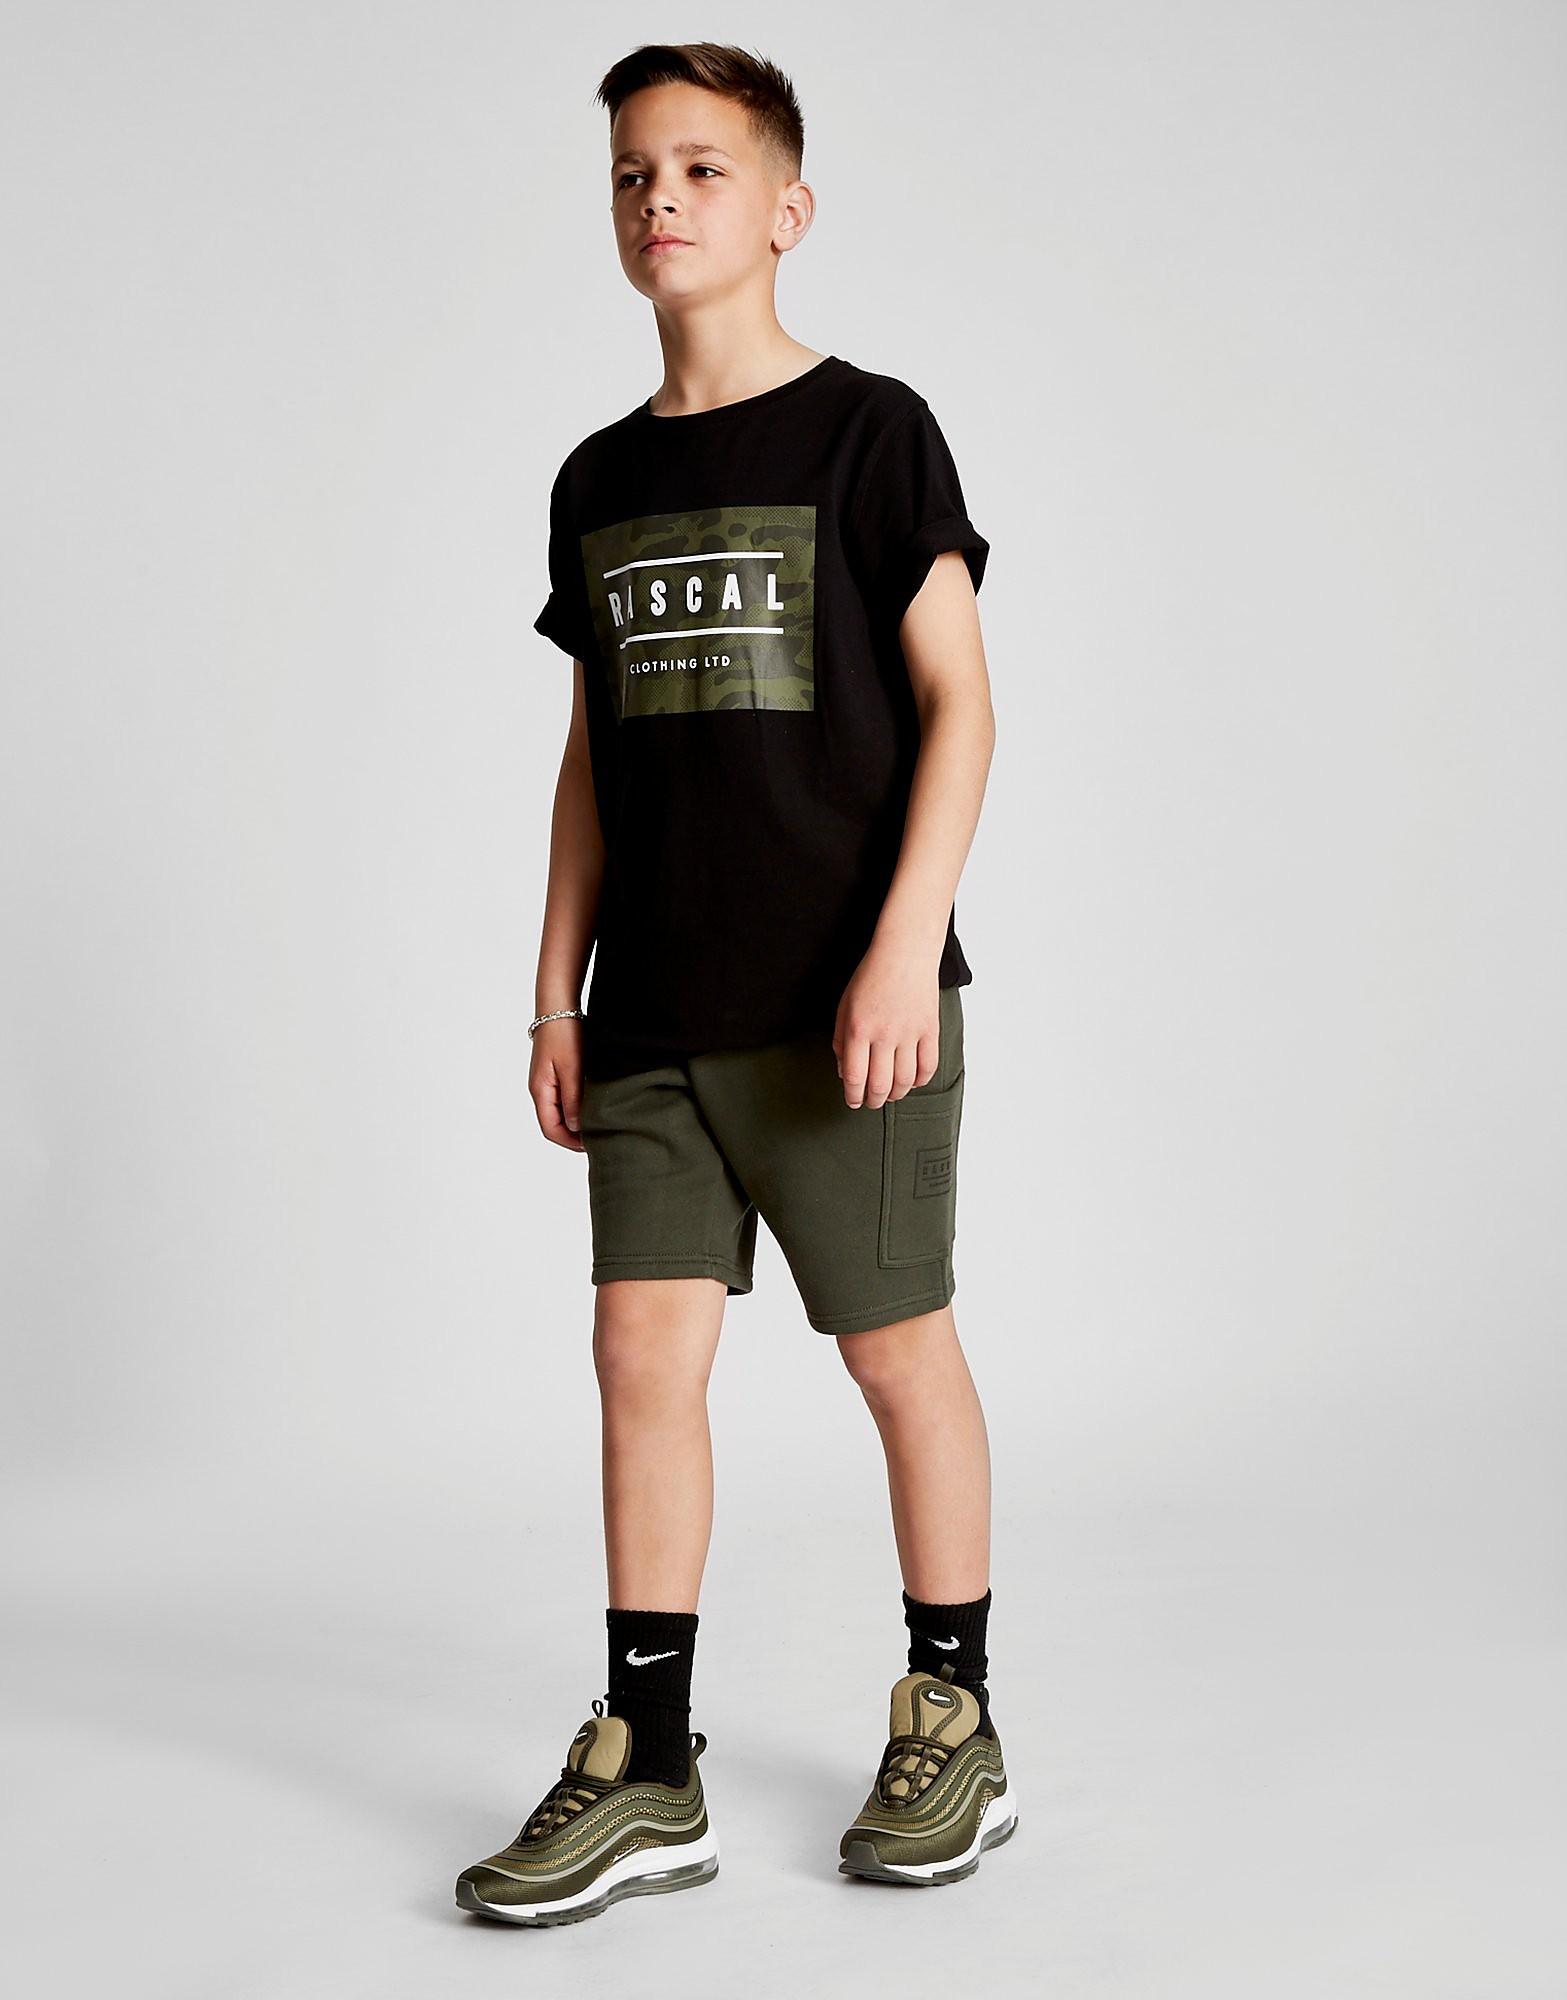 Rascal Short Elba Cargo Junior